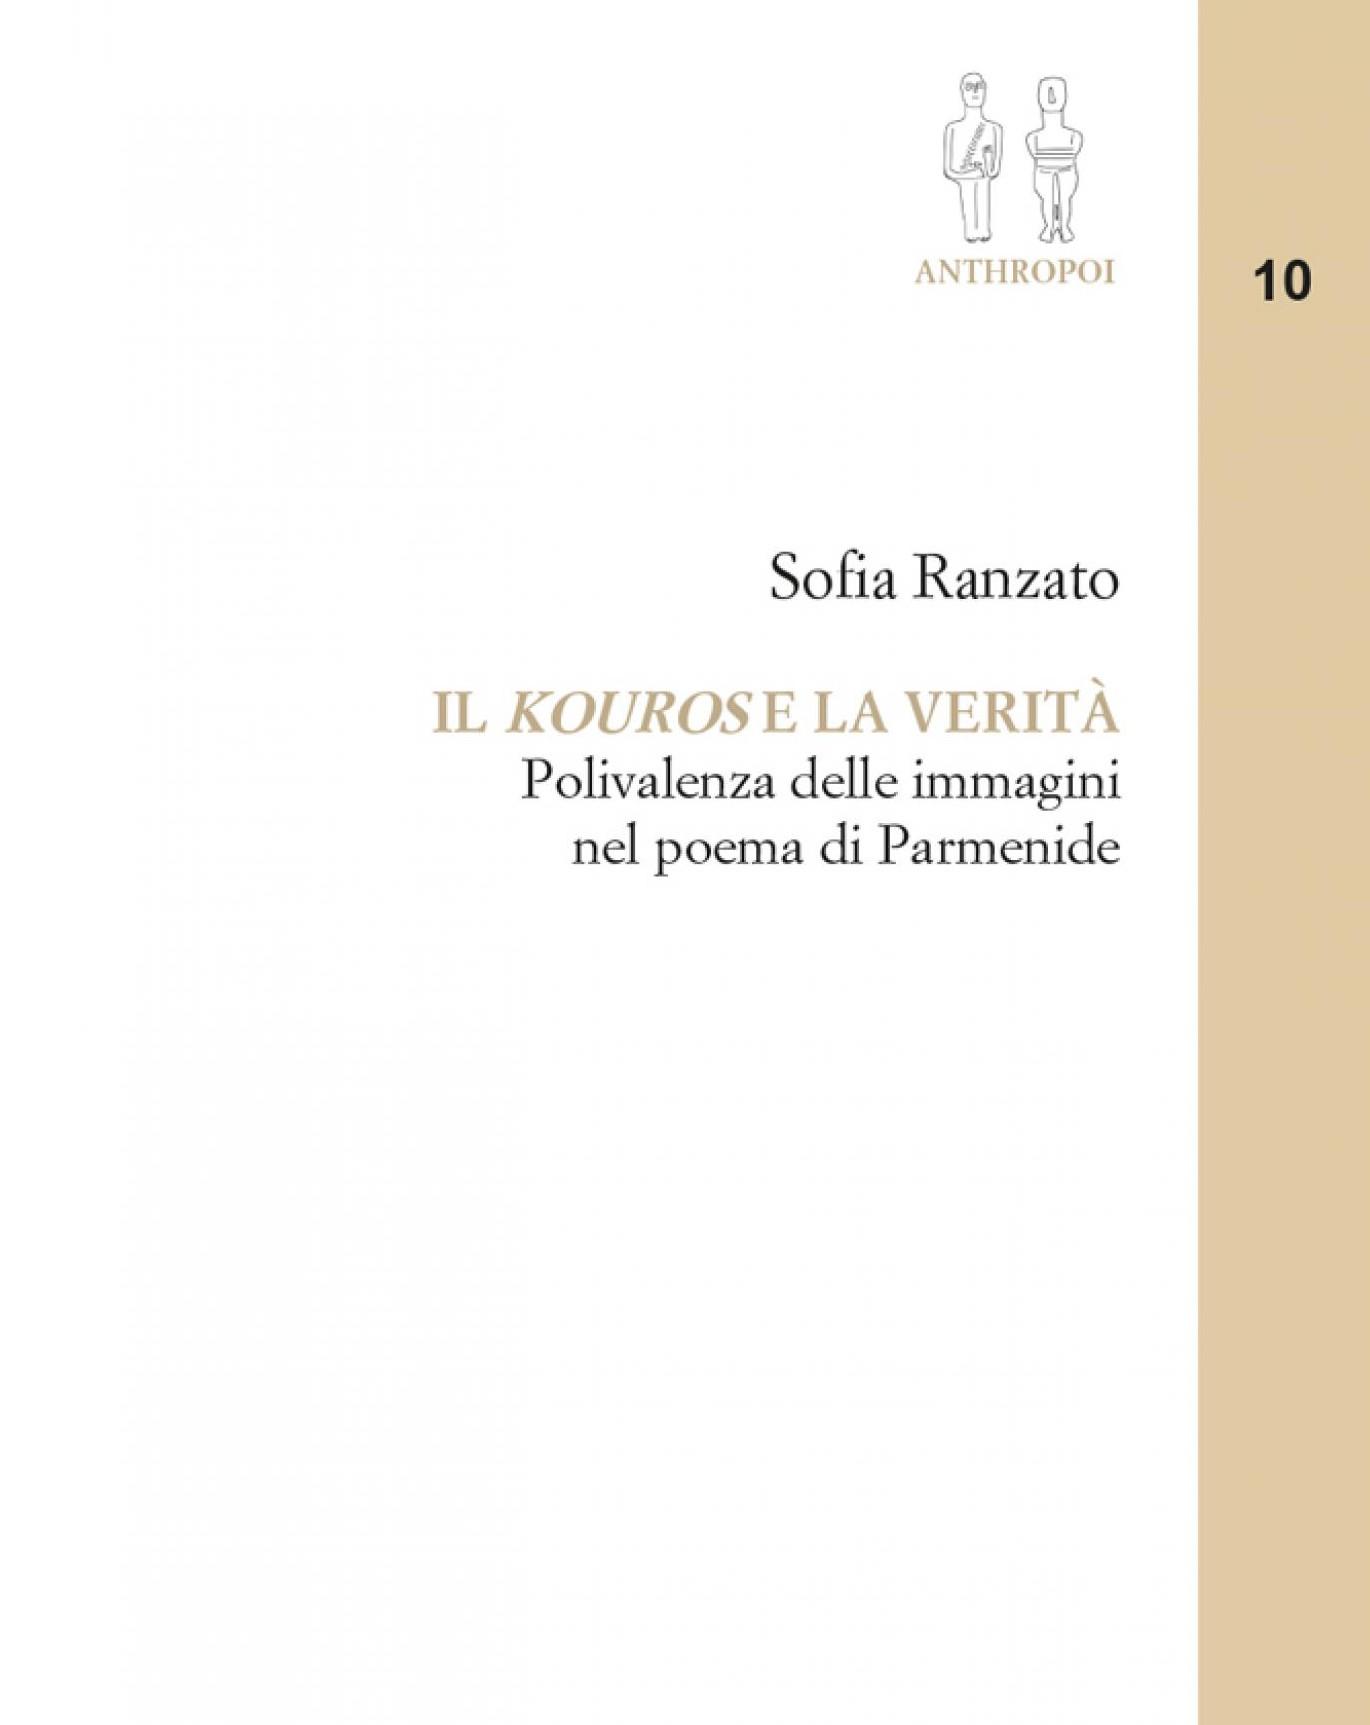 Sofia Ranzato, Il kouros e la verità. Polivalenza delle immagini nel poema di Parmenide